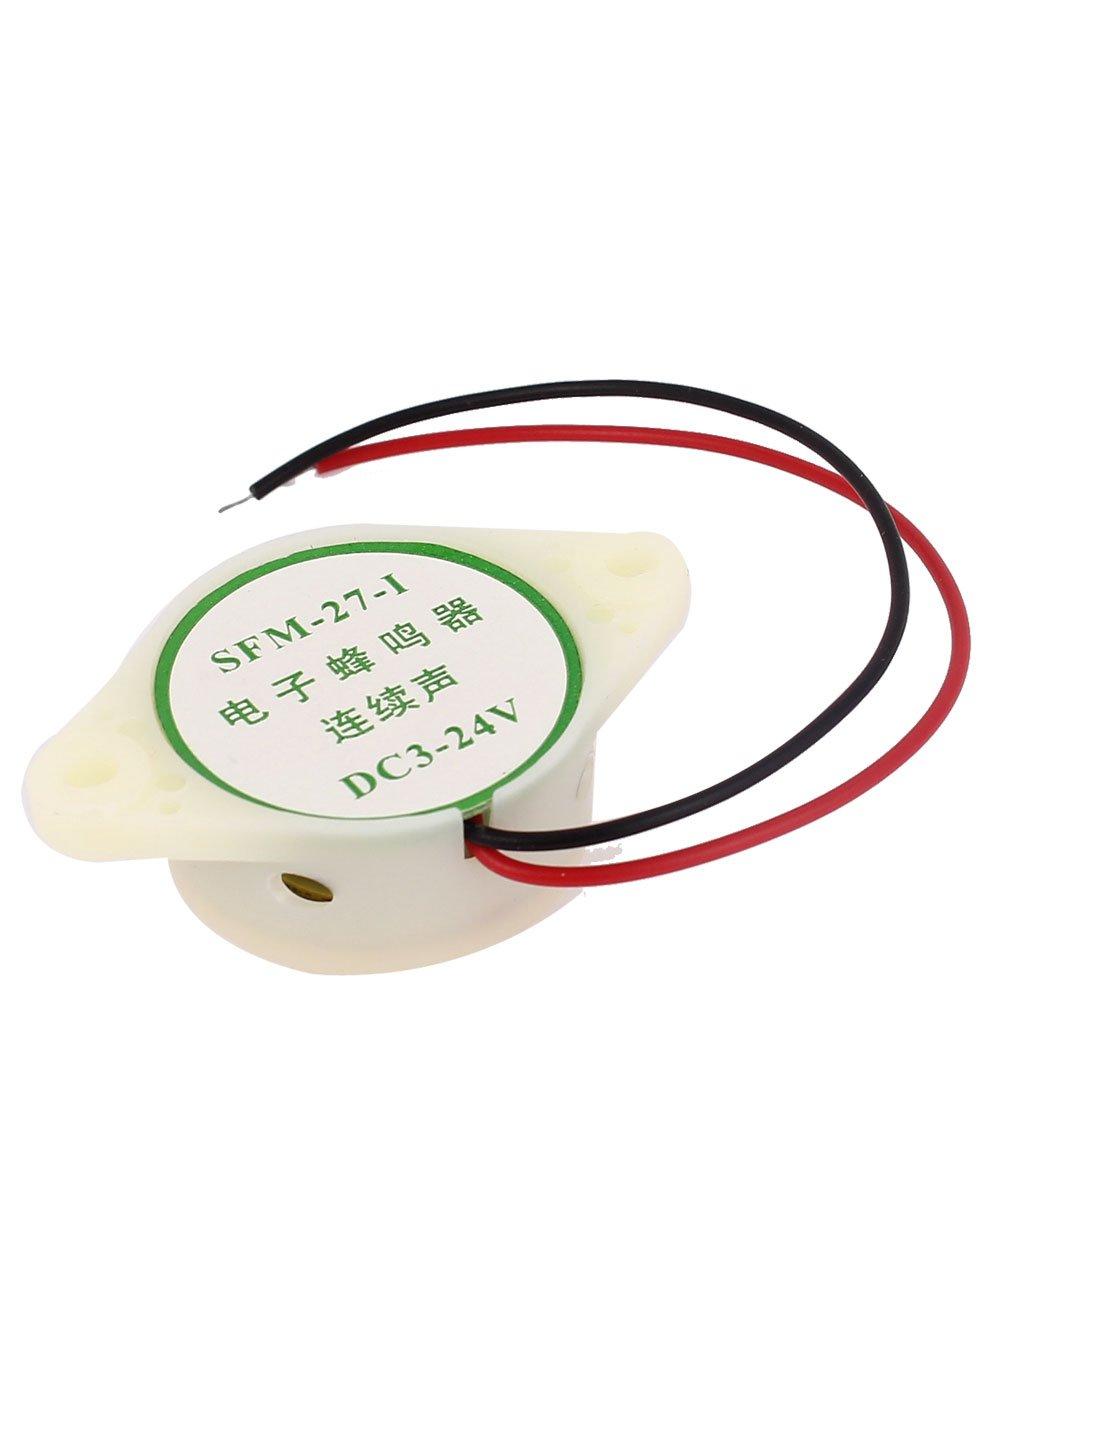 DC3V-24V 2-C/âble Miniature Son Buzzer /électronique Alarme avertisseur sonore Bip